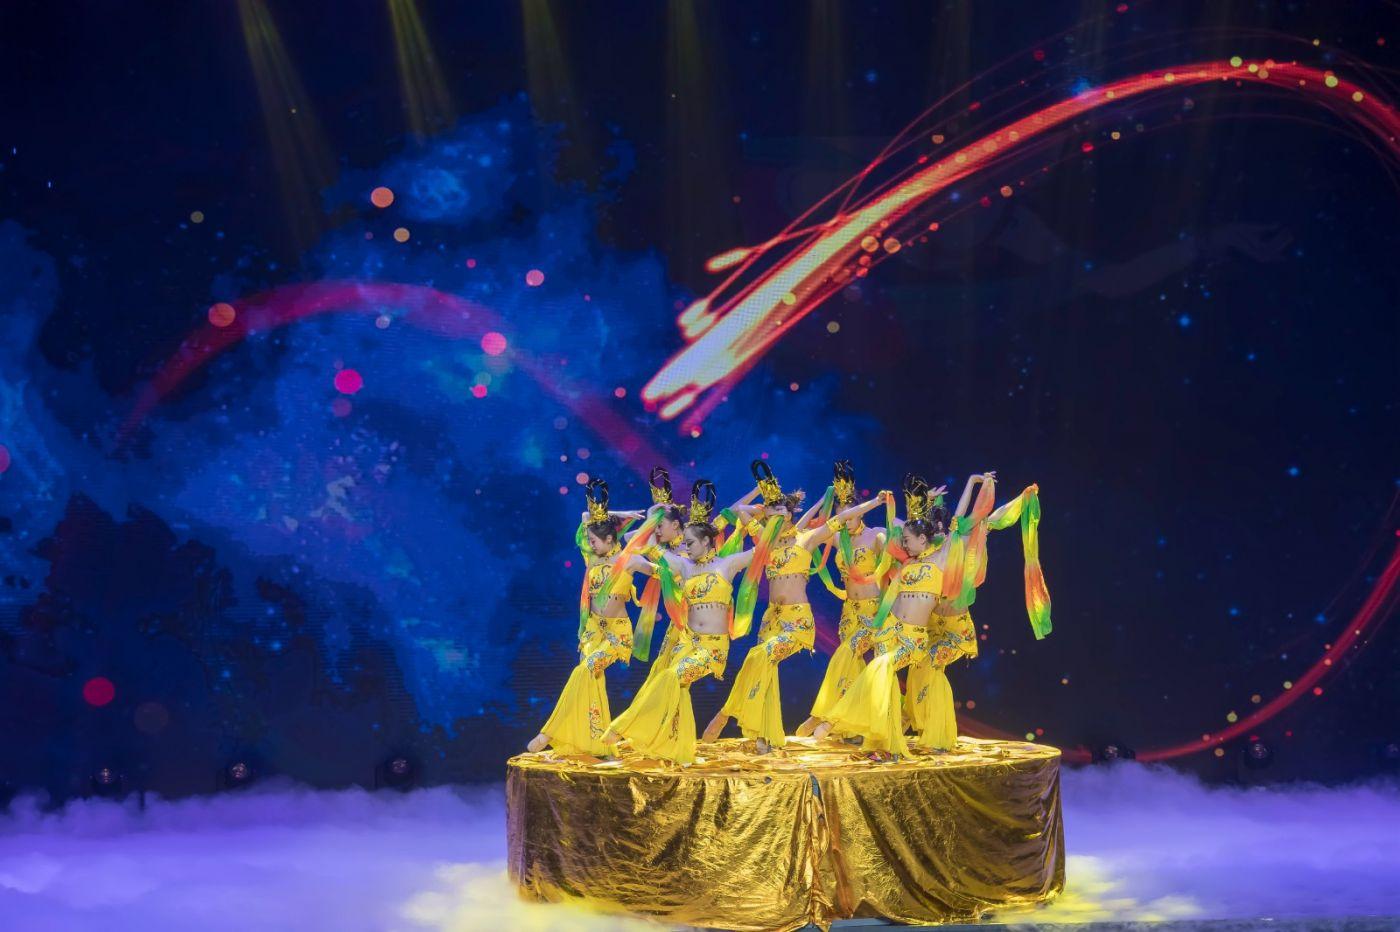 沂蒙大地上 有一种舞蹈叫飞天 这是几位临沂女孩的杰作 美轮美奂 ..._图1-50